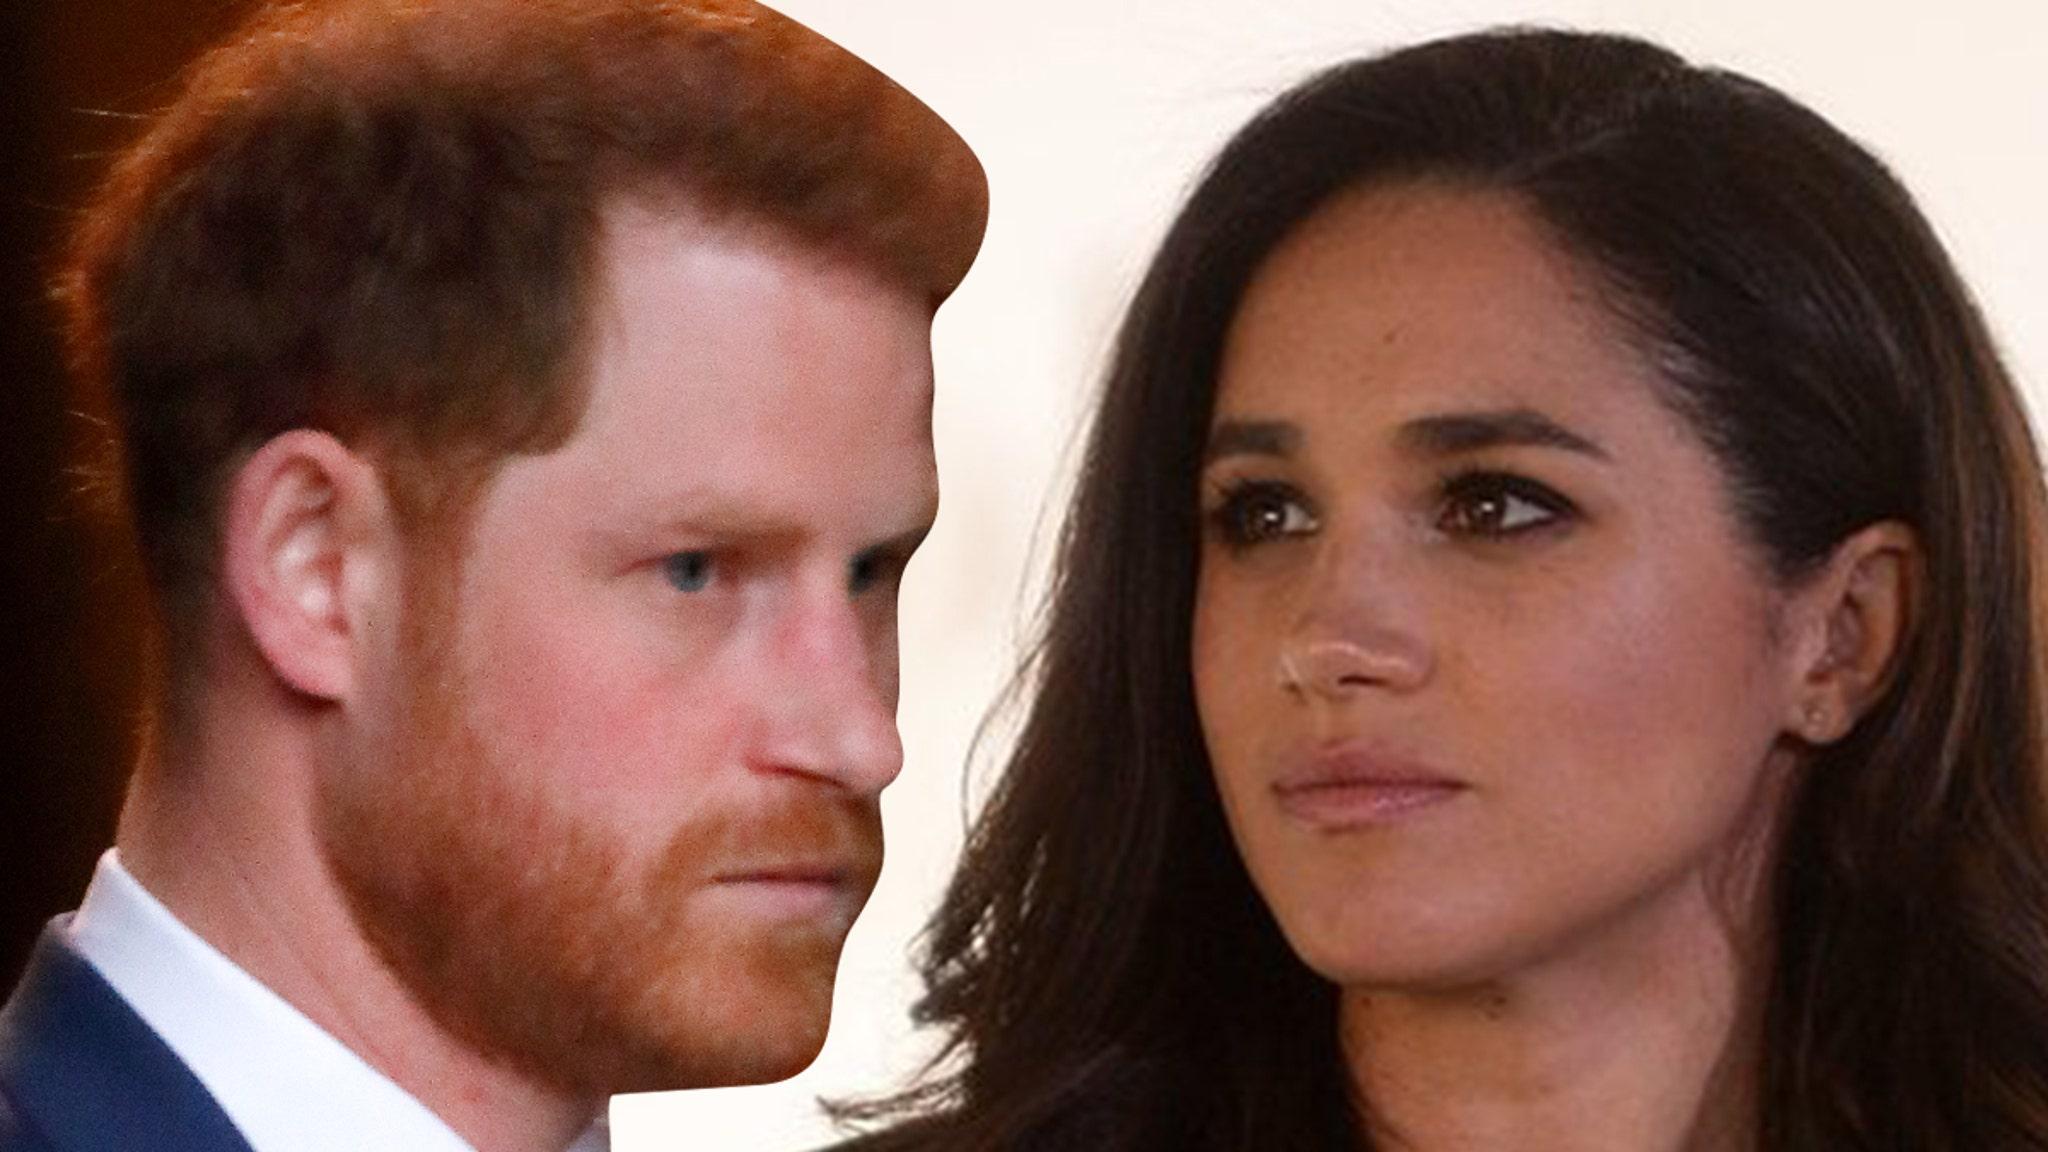 Принц Гарри и Меган Маркл официально объявлены «рабочими членами» королевской семьи